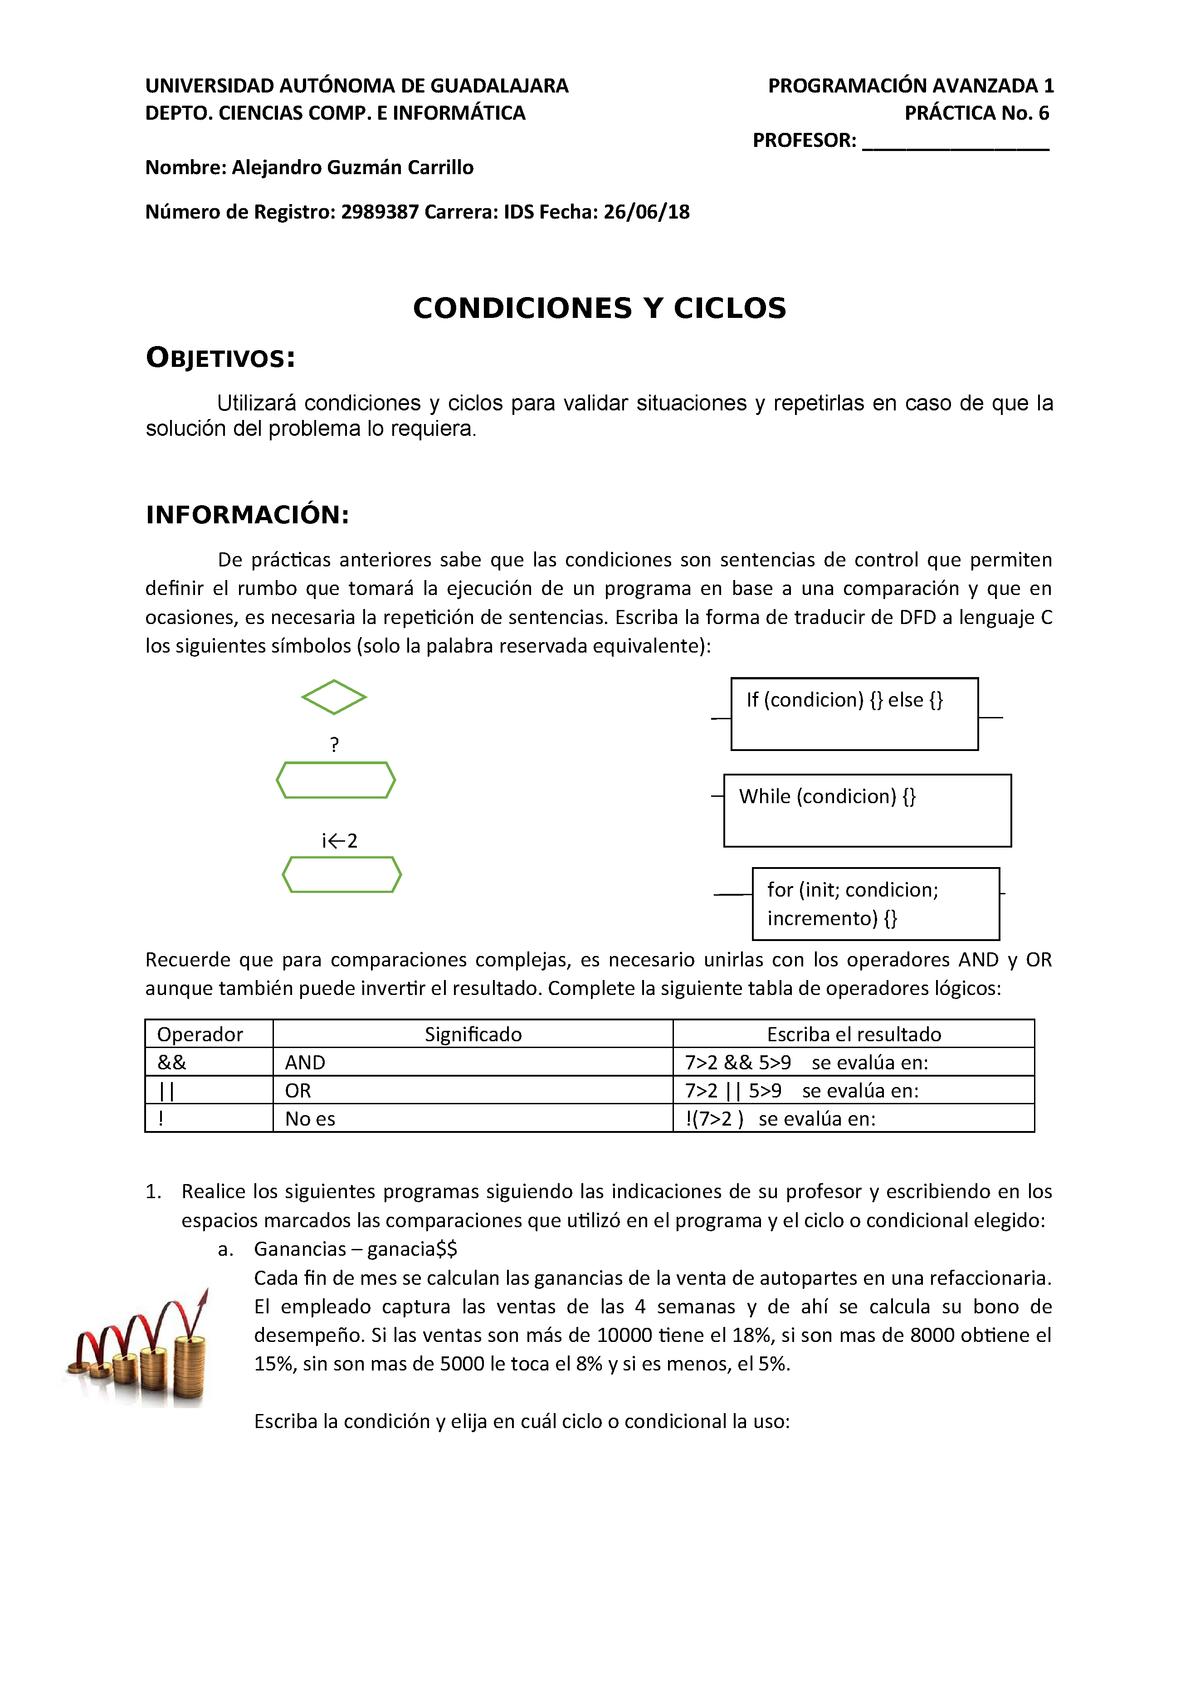 Práctica 6 - Condiciones y Ciclos - Programación Avanzada I